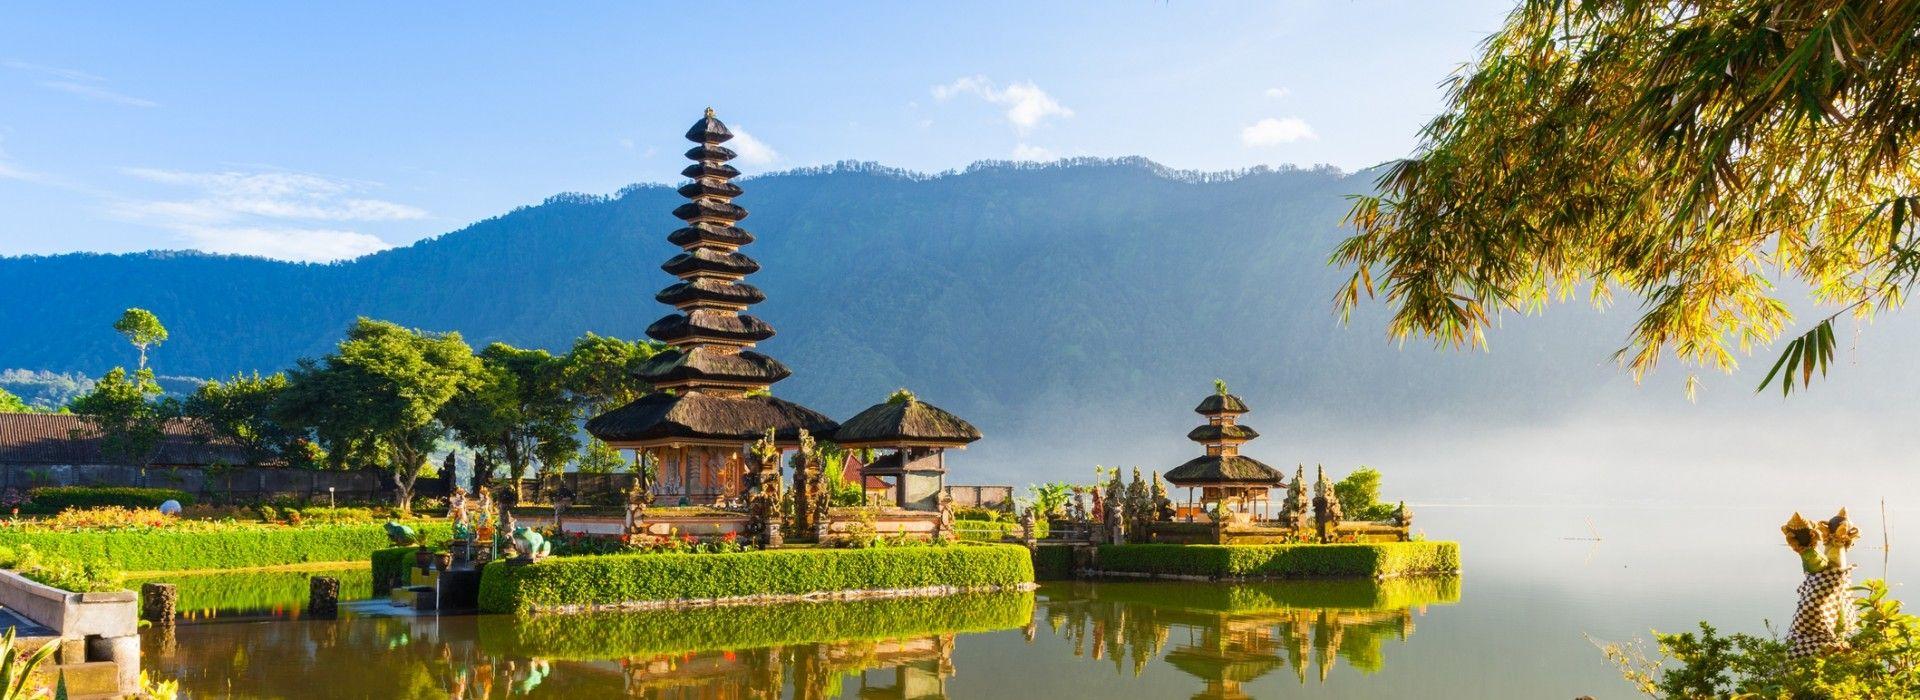 Borneo, Indonesia Tours